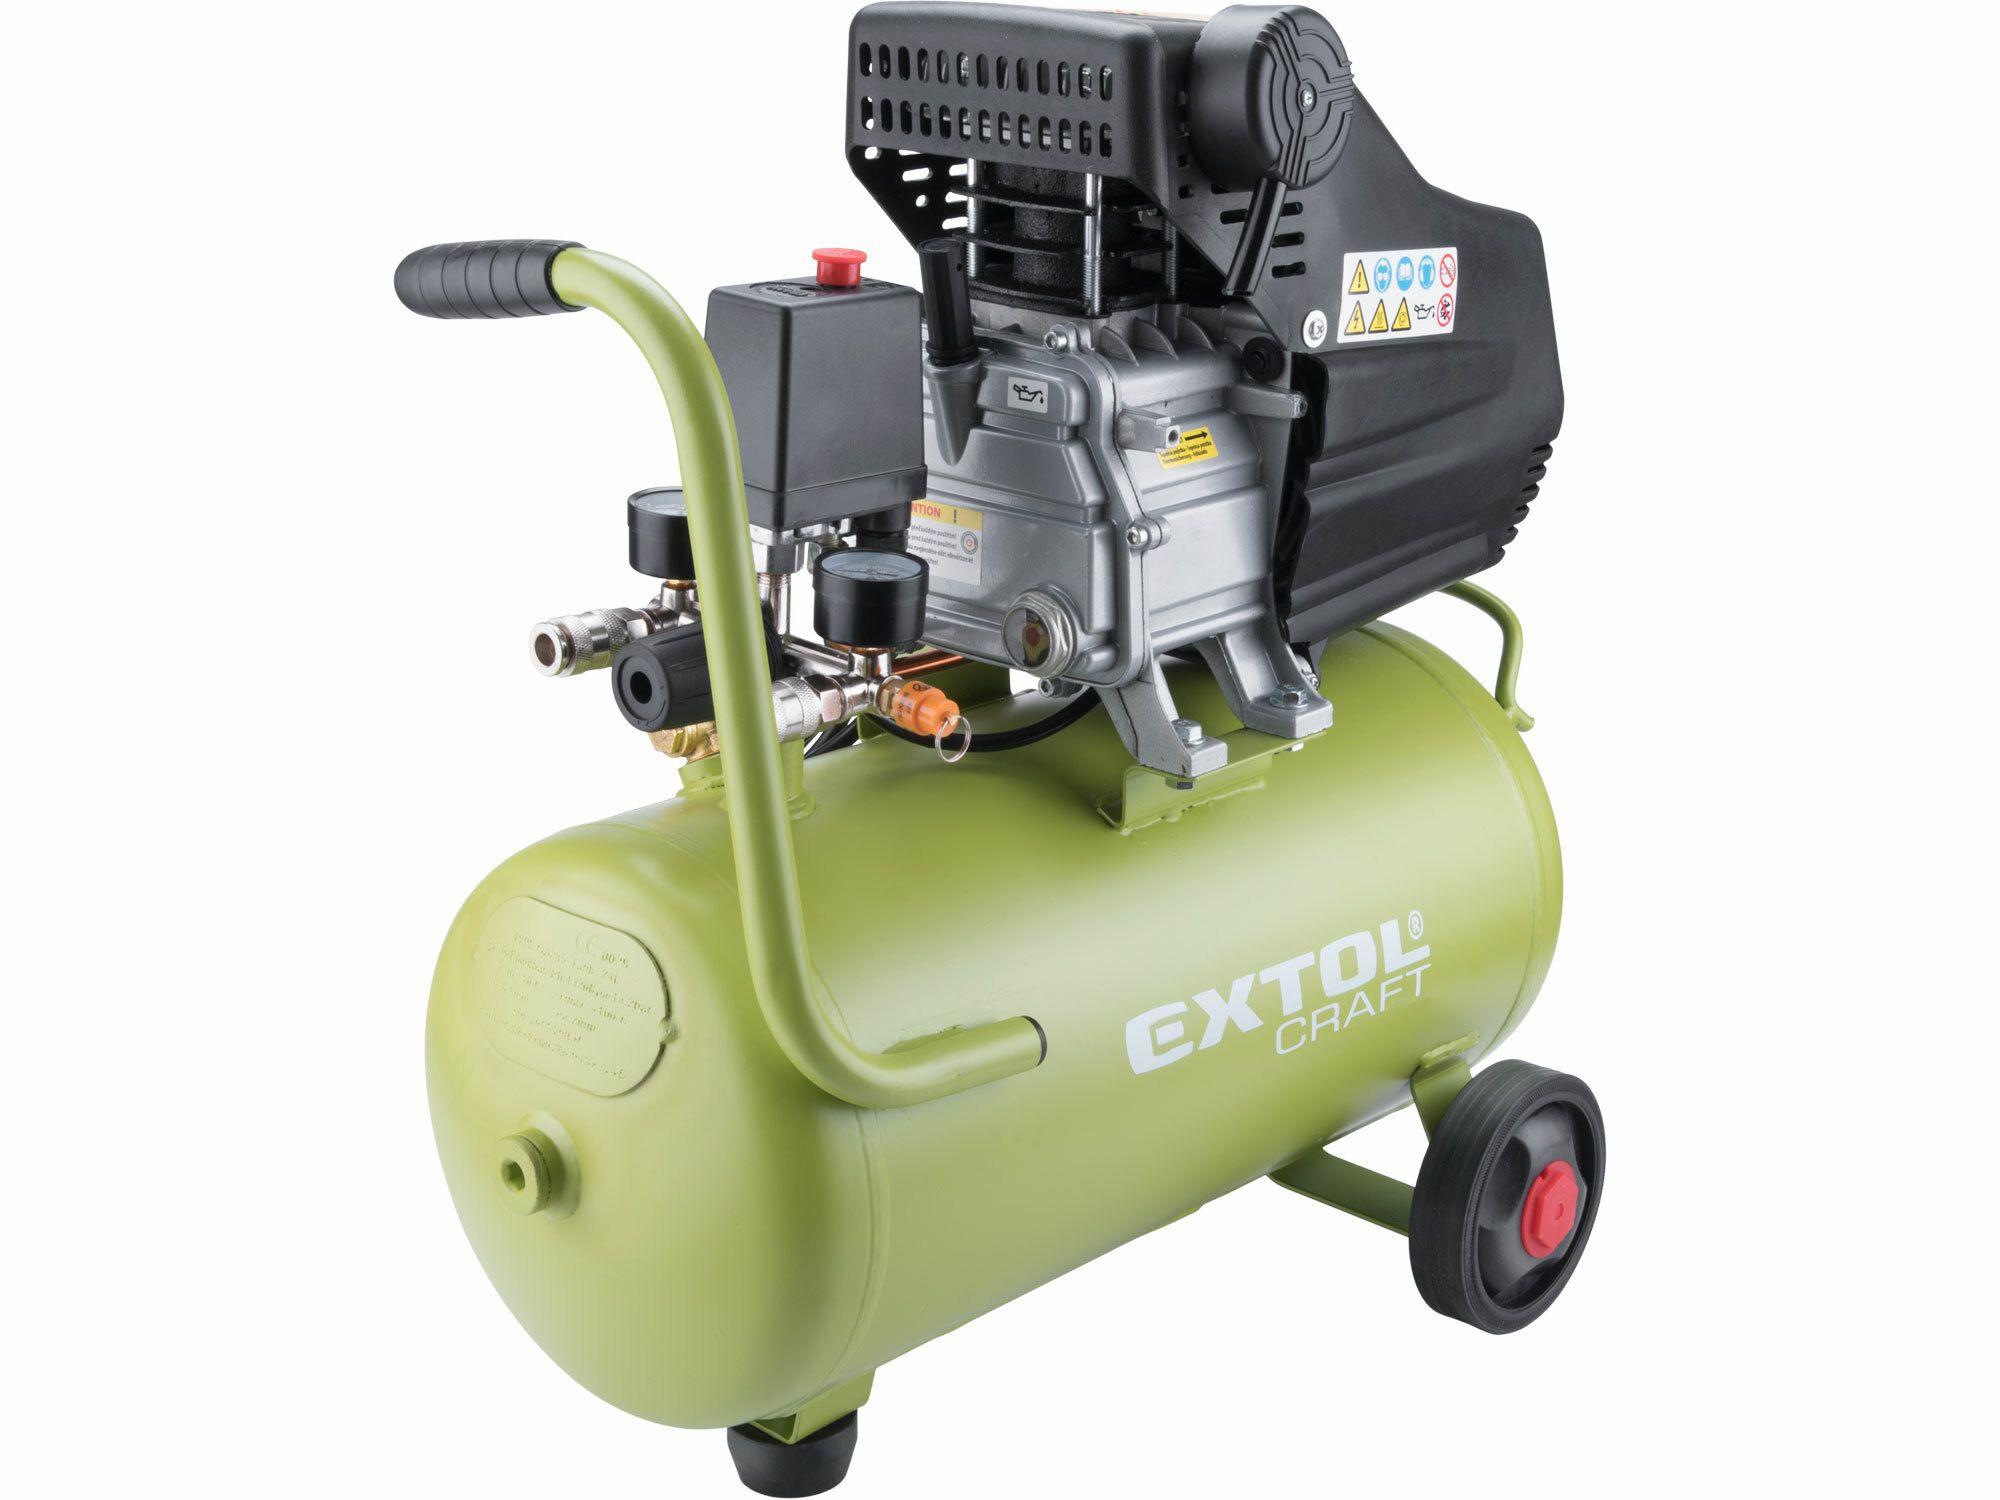 Kompresor olejový, 2800/min, 24l, EXTOL CRAFT, 418201